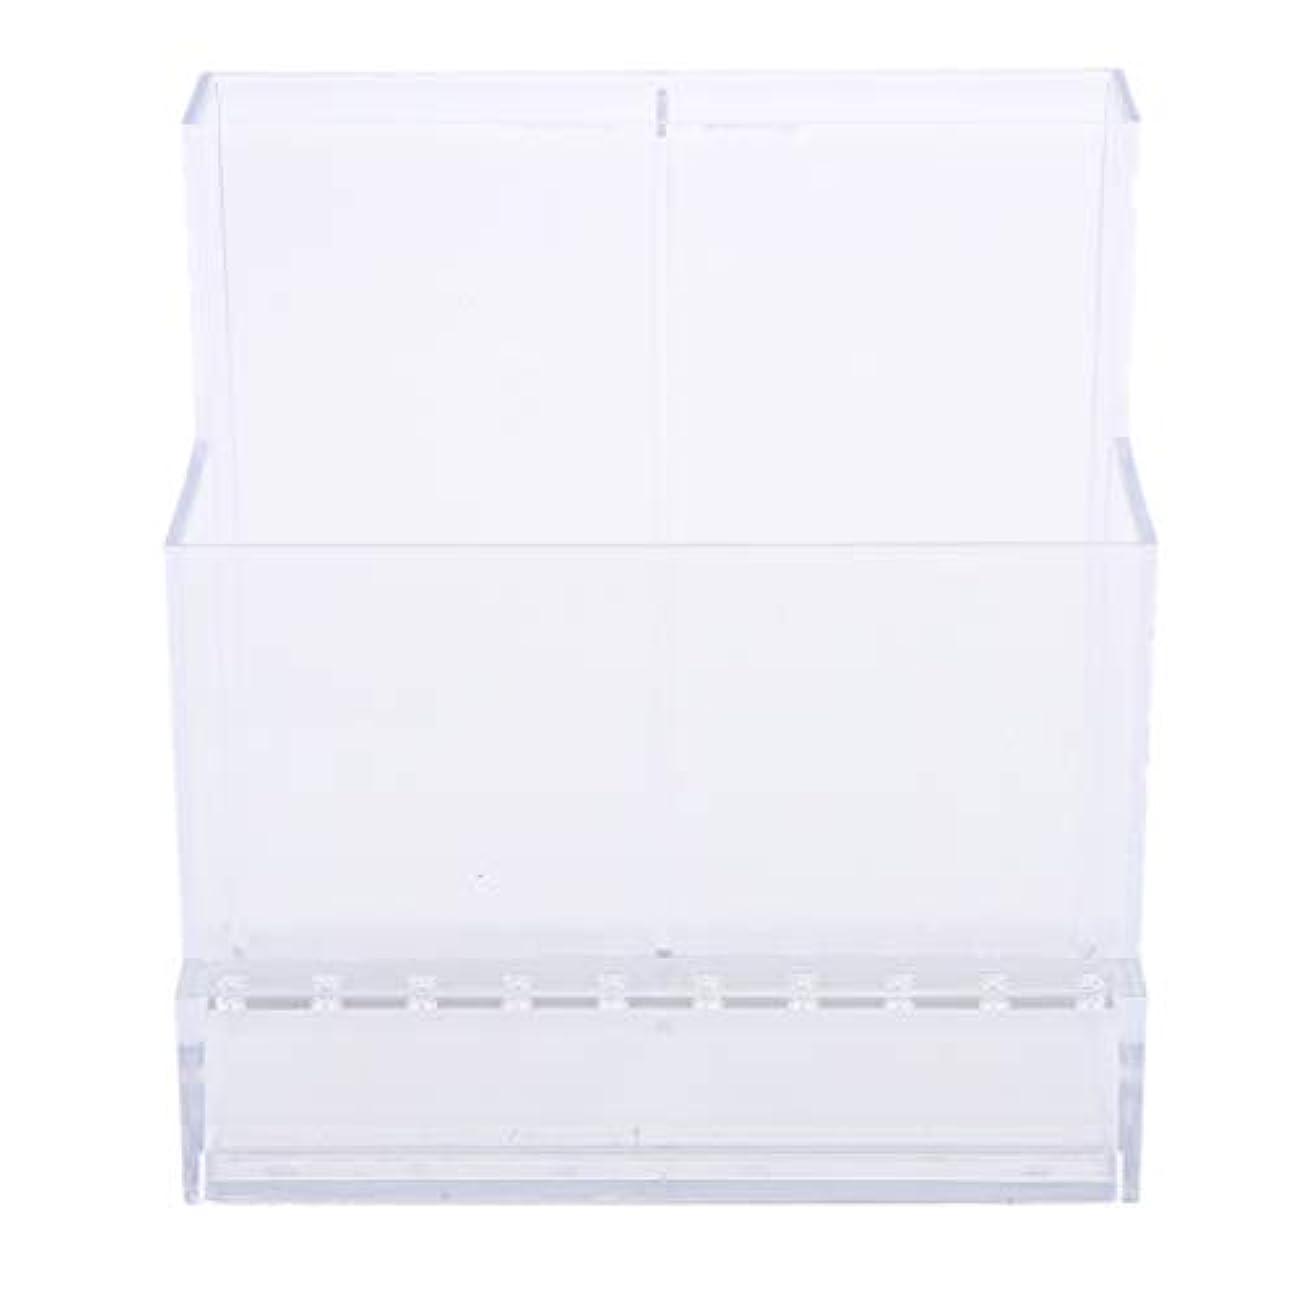 ケーブルカー統計的不可能なネイルアート ドリルビットホルダー スタンド ディスプレイボックス ネイルサロン 収納ボックス 2色選べ - クリア